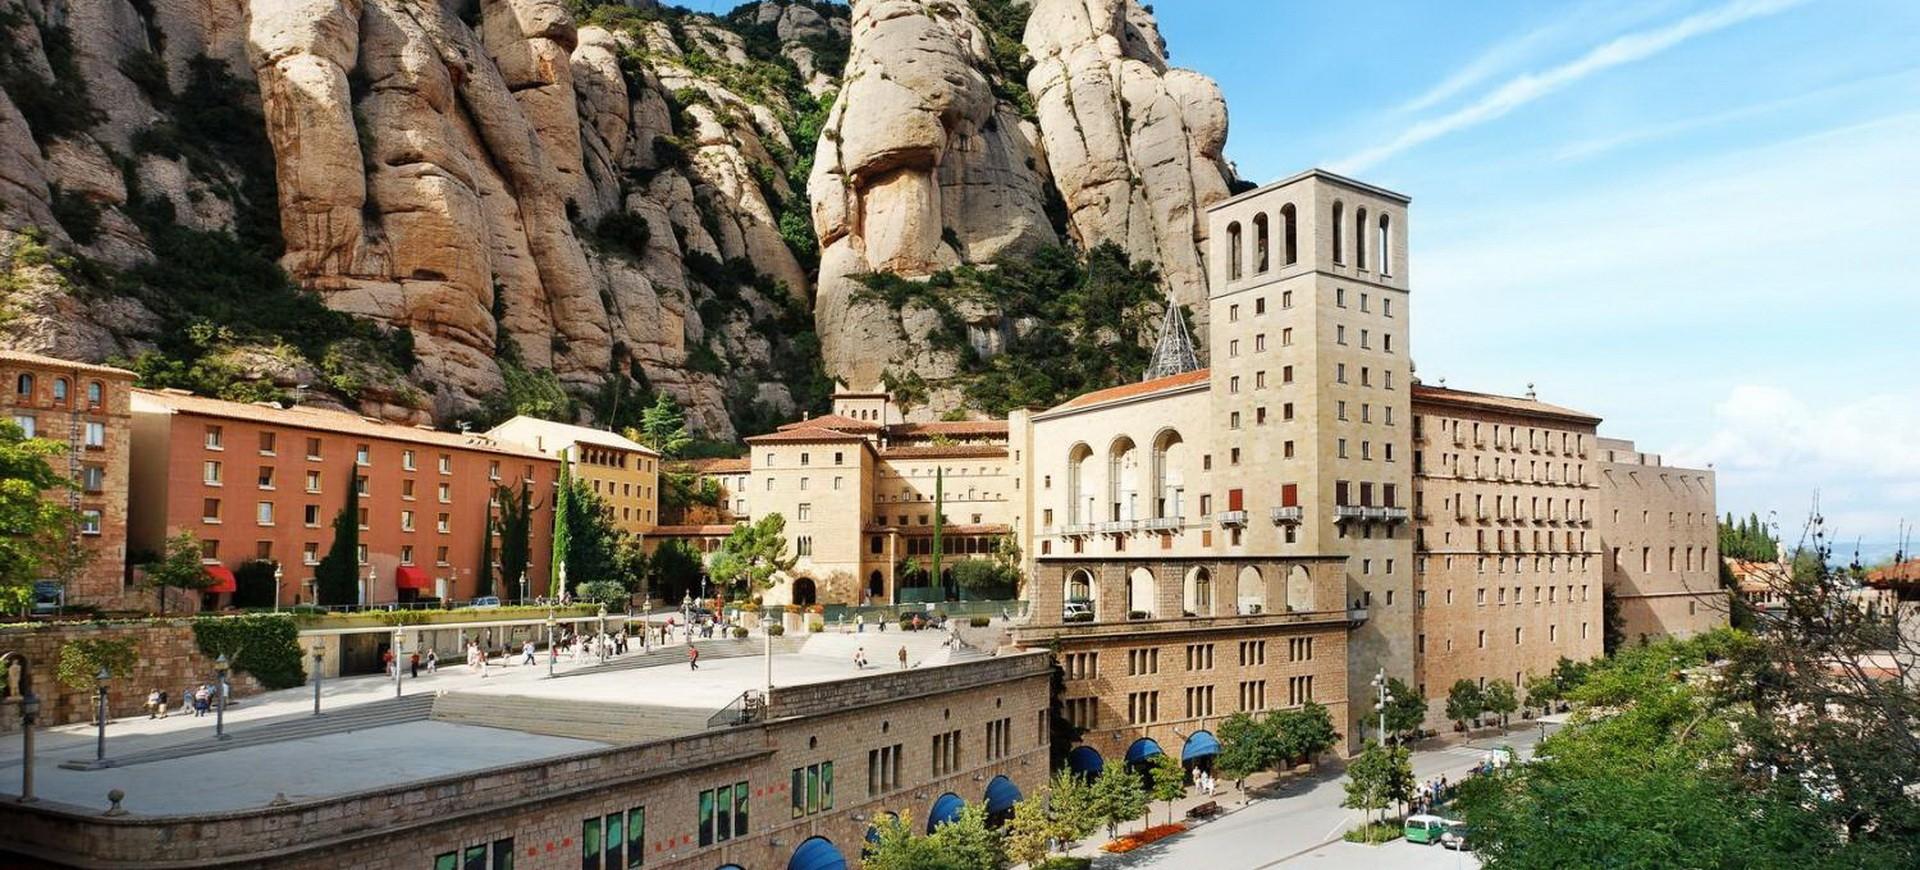 Espagne Barcelone Monastère de Montserrat